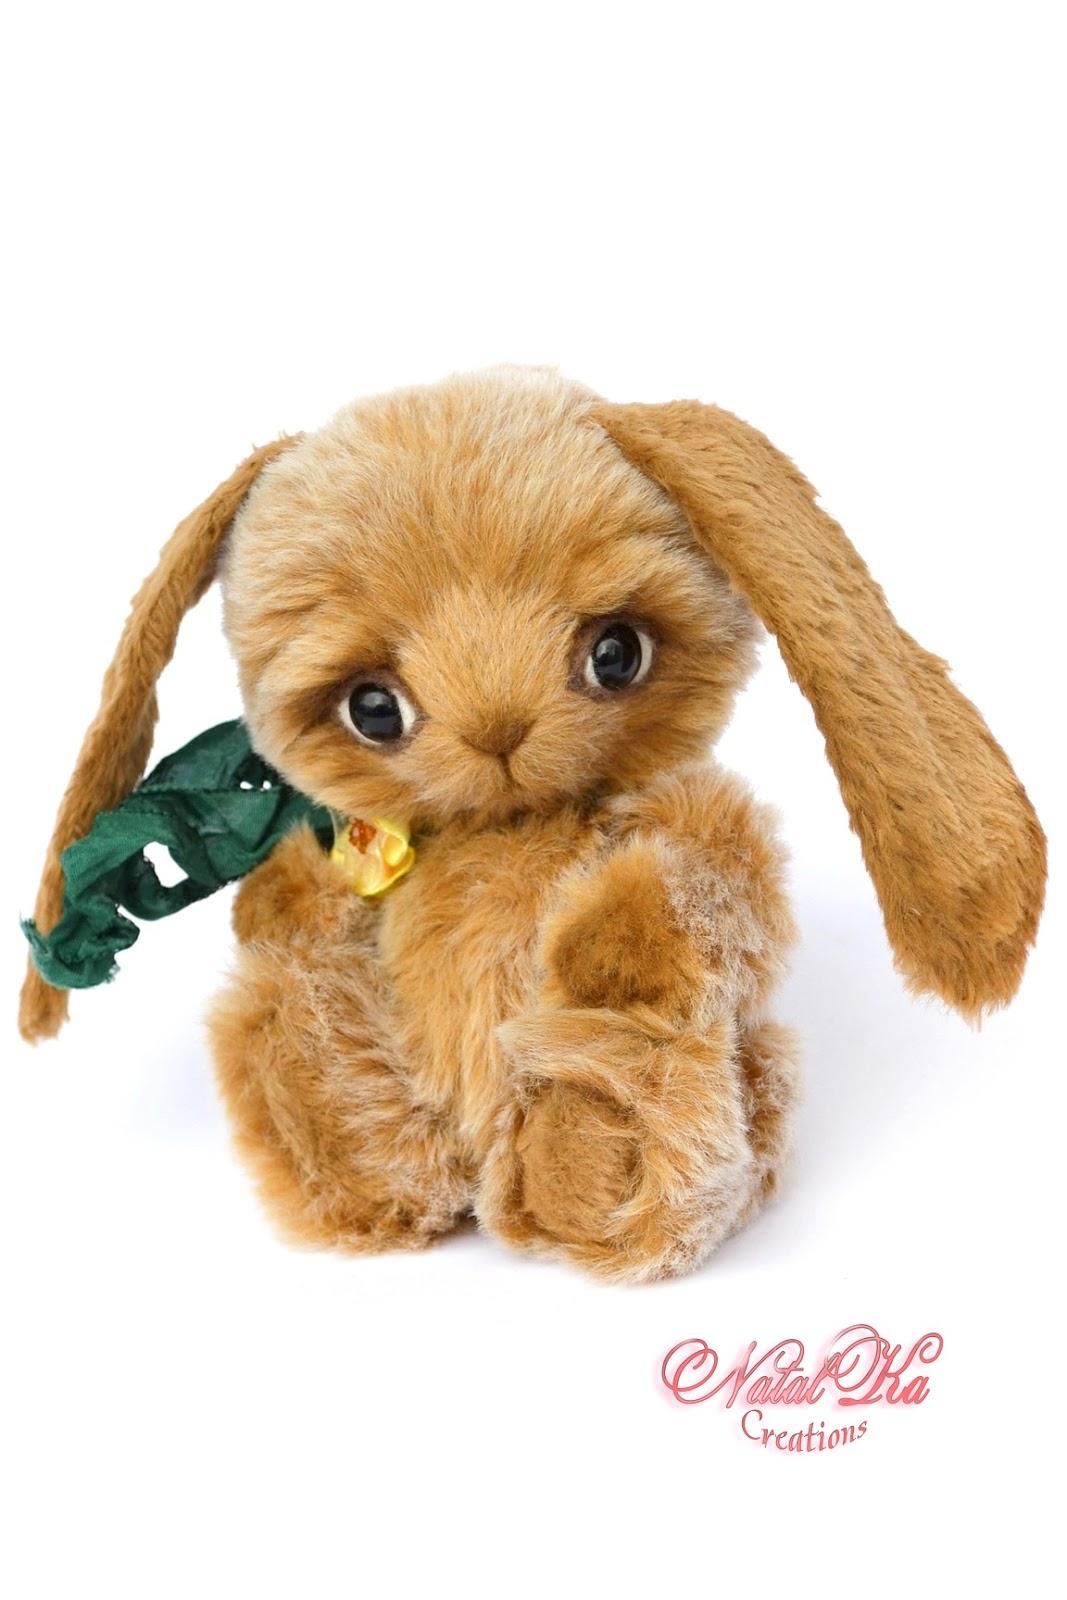 Artist teddy bunny, rabbit handmade, jointed, ooak, Künstlerteddy, Künstlerhase, Teddybär, handgemacht von NatalKa Creations